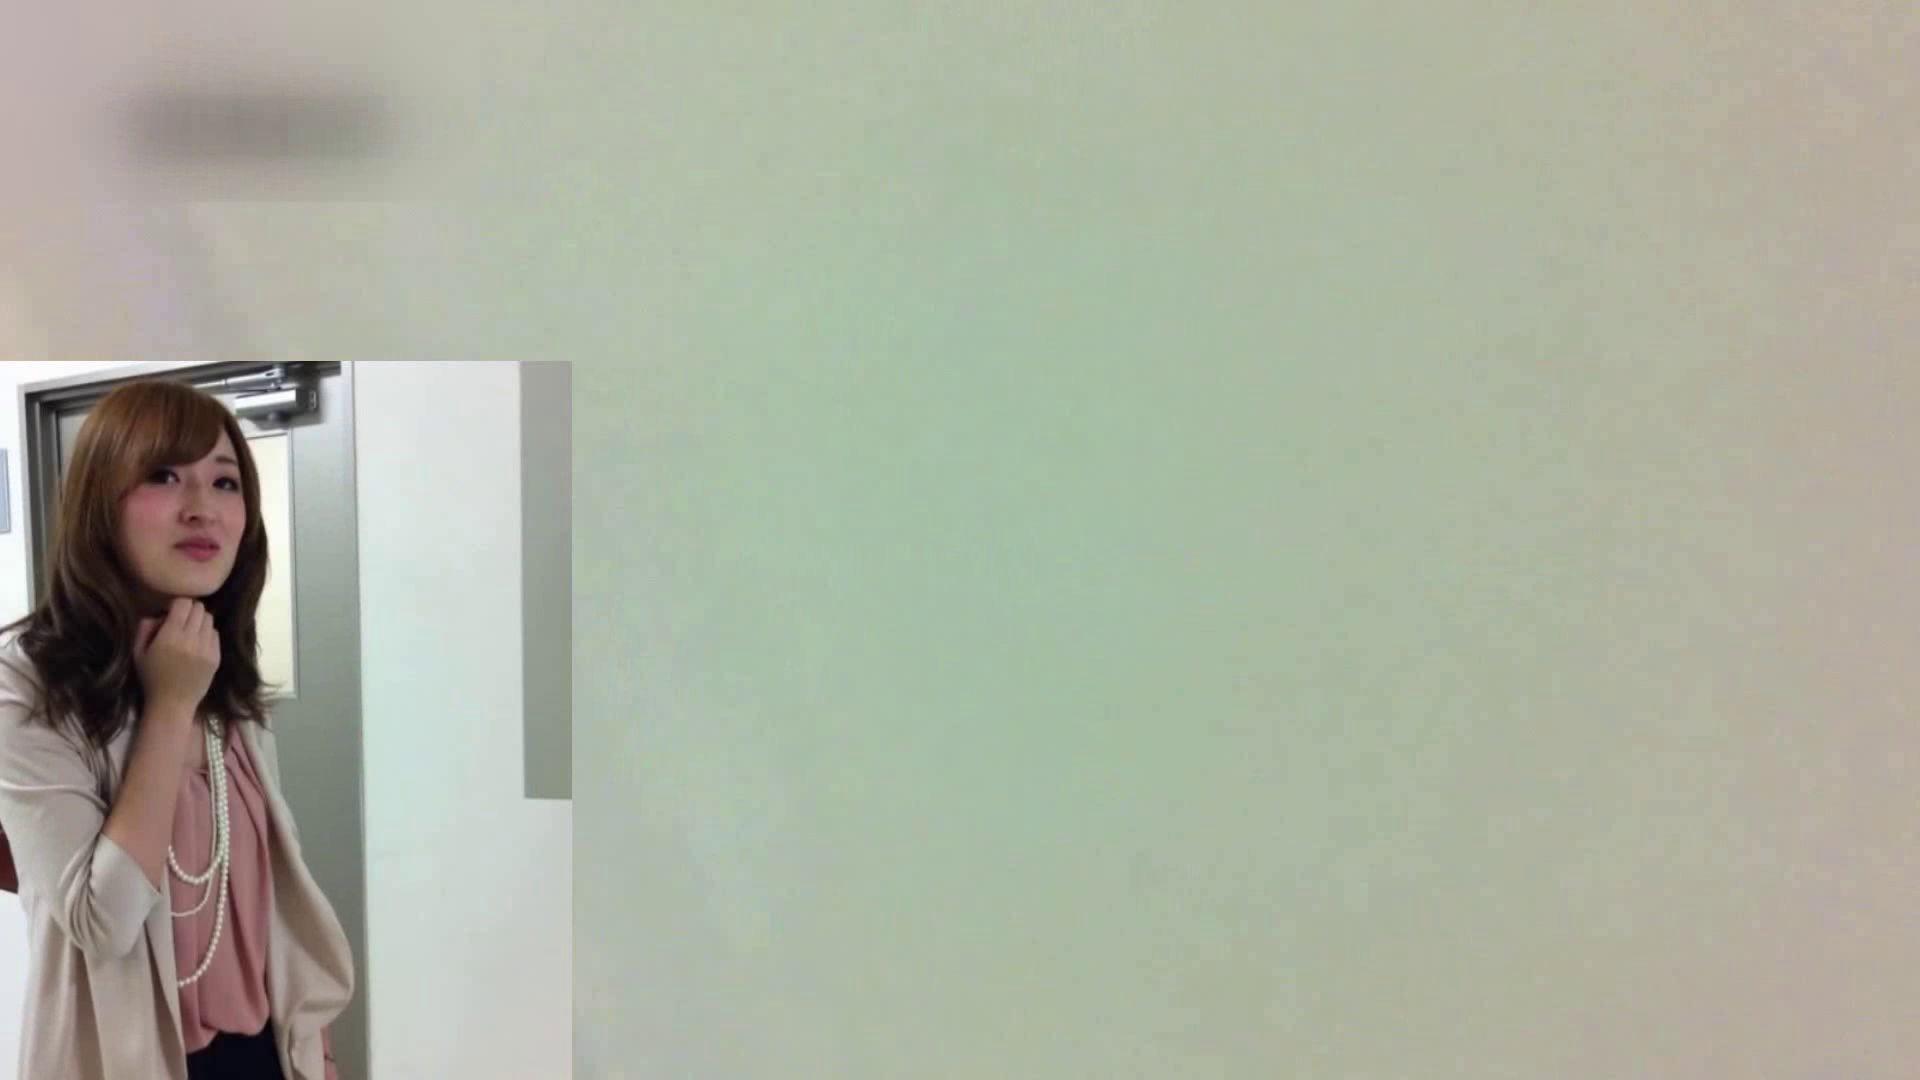 お姉さんの恥便所盗撮! Vol.11 独占盗撮 われめAV動画紹介 99連発 97